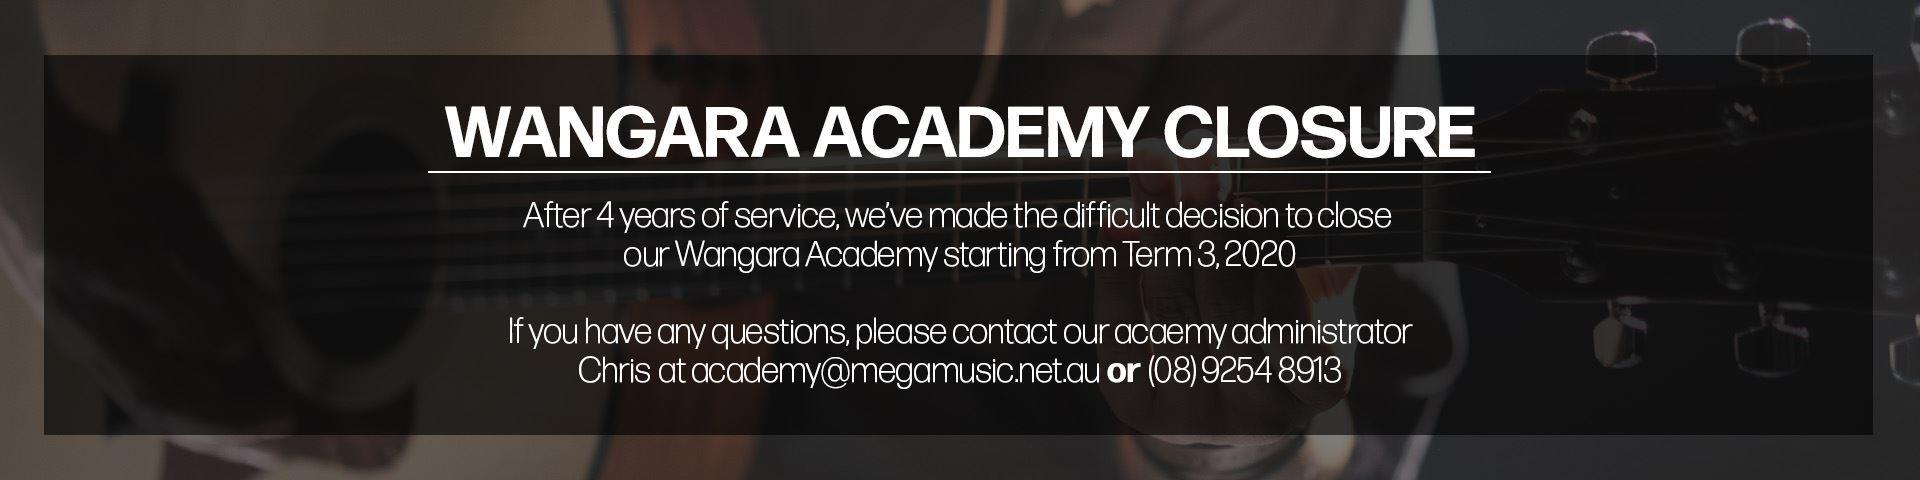 Wangara Academy Closure